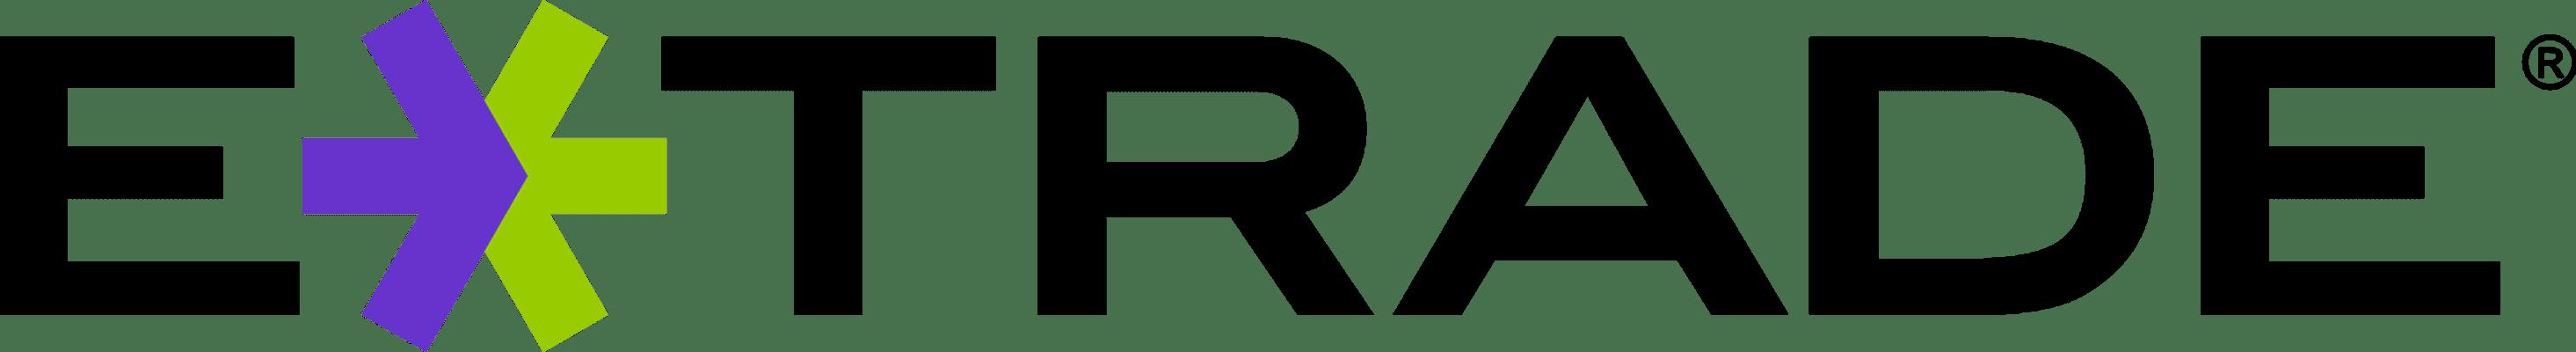 ETRADE